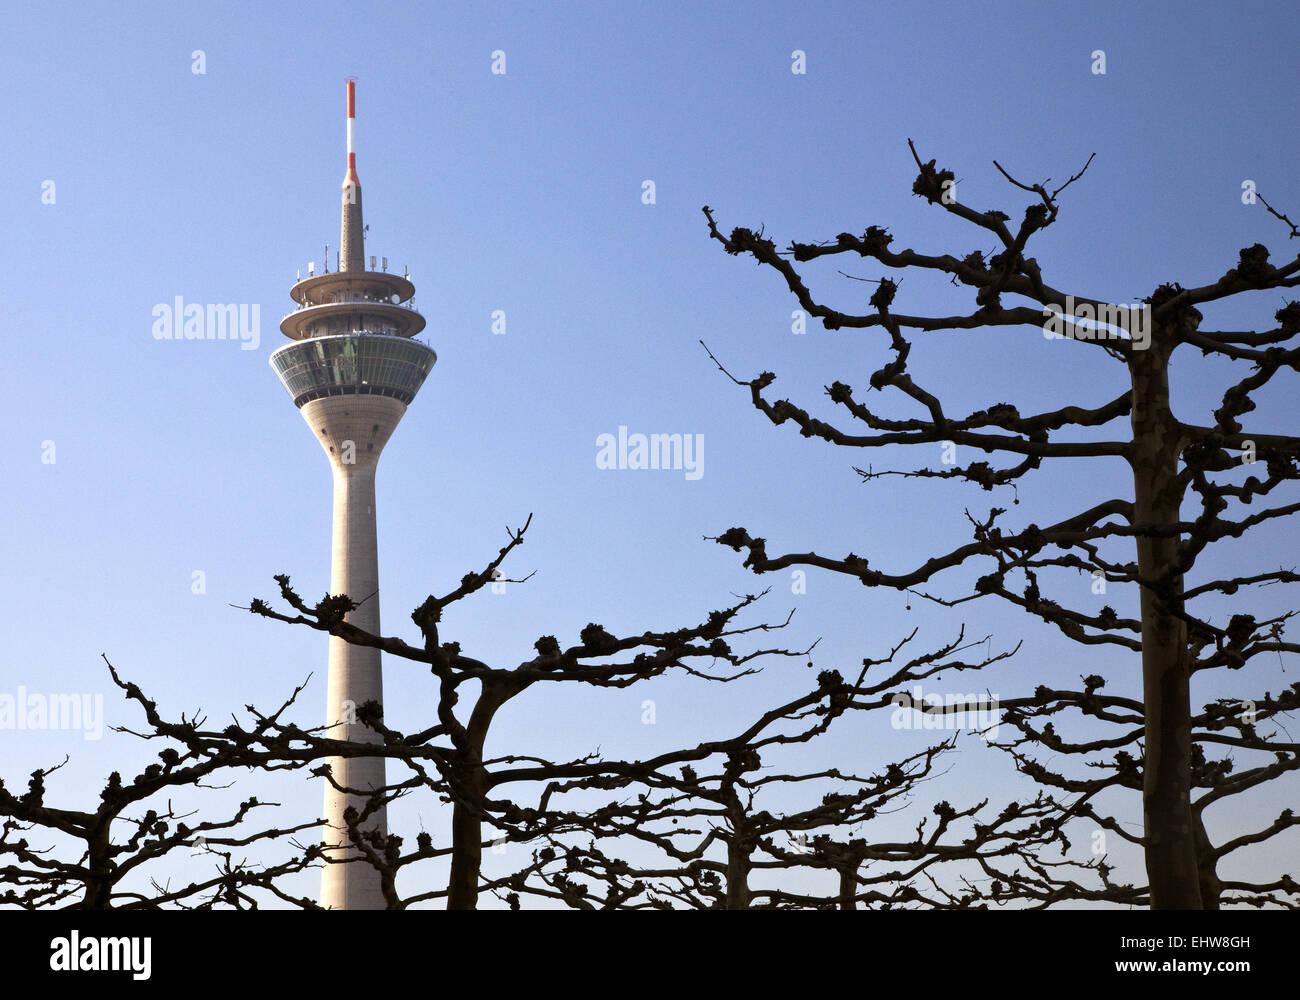 Der Rheinturm in Düsseldorf. Stockbild